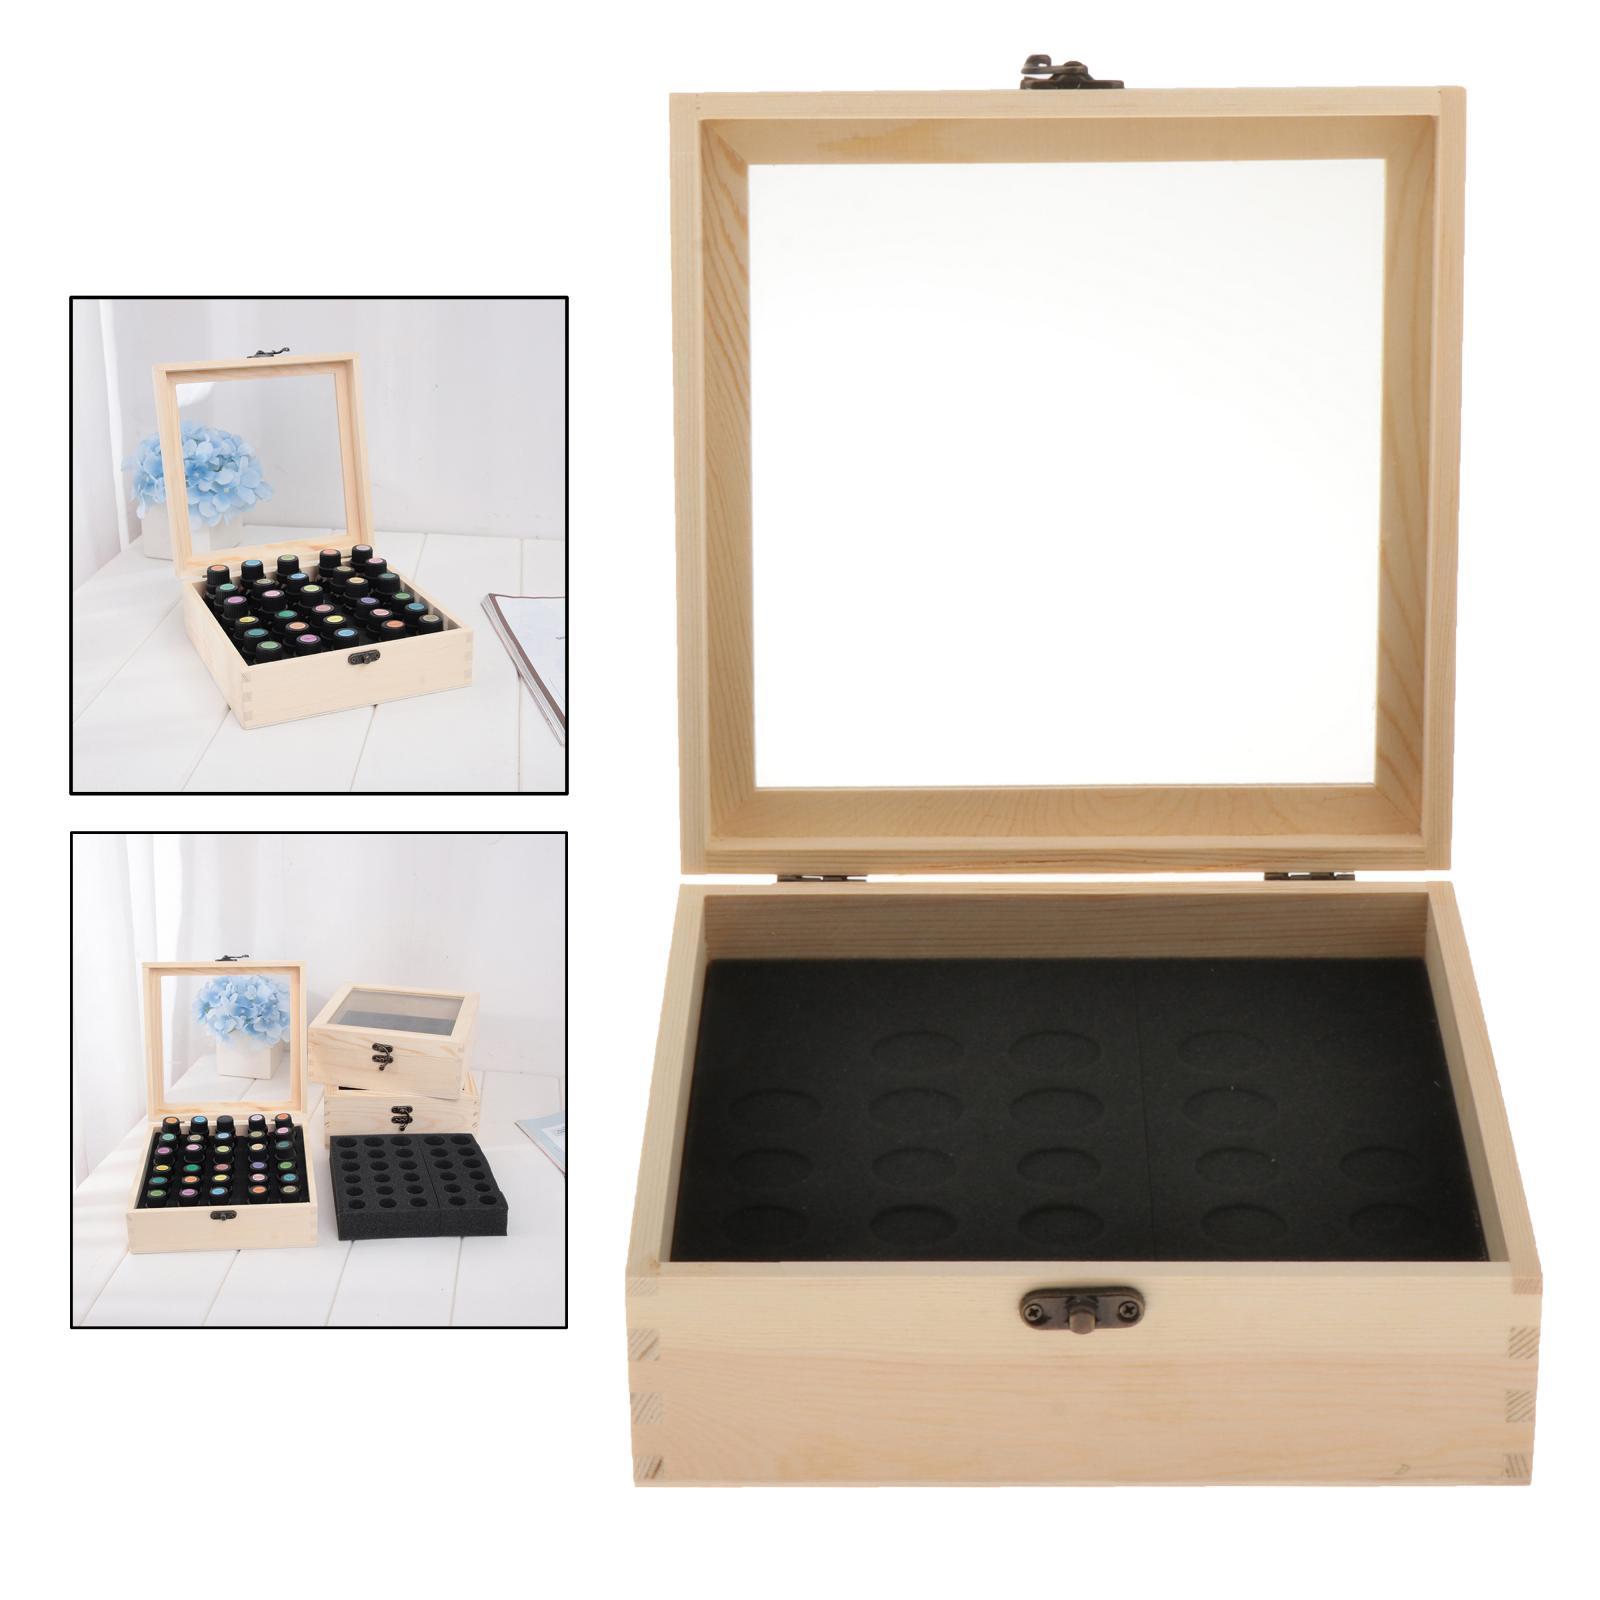 30 slots de madeira garrafas 5-15ml tamanhos de óleo essencial caixa titular aromaterapia recipiente seguro para transportar